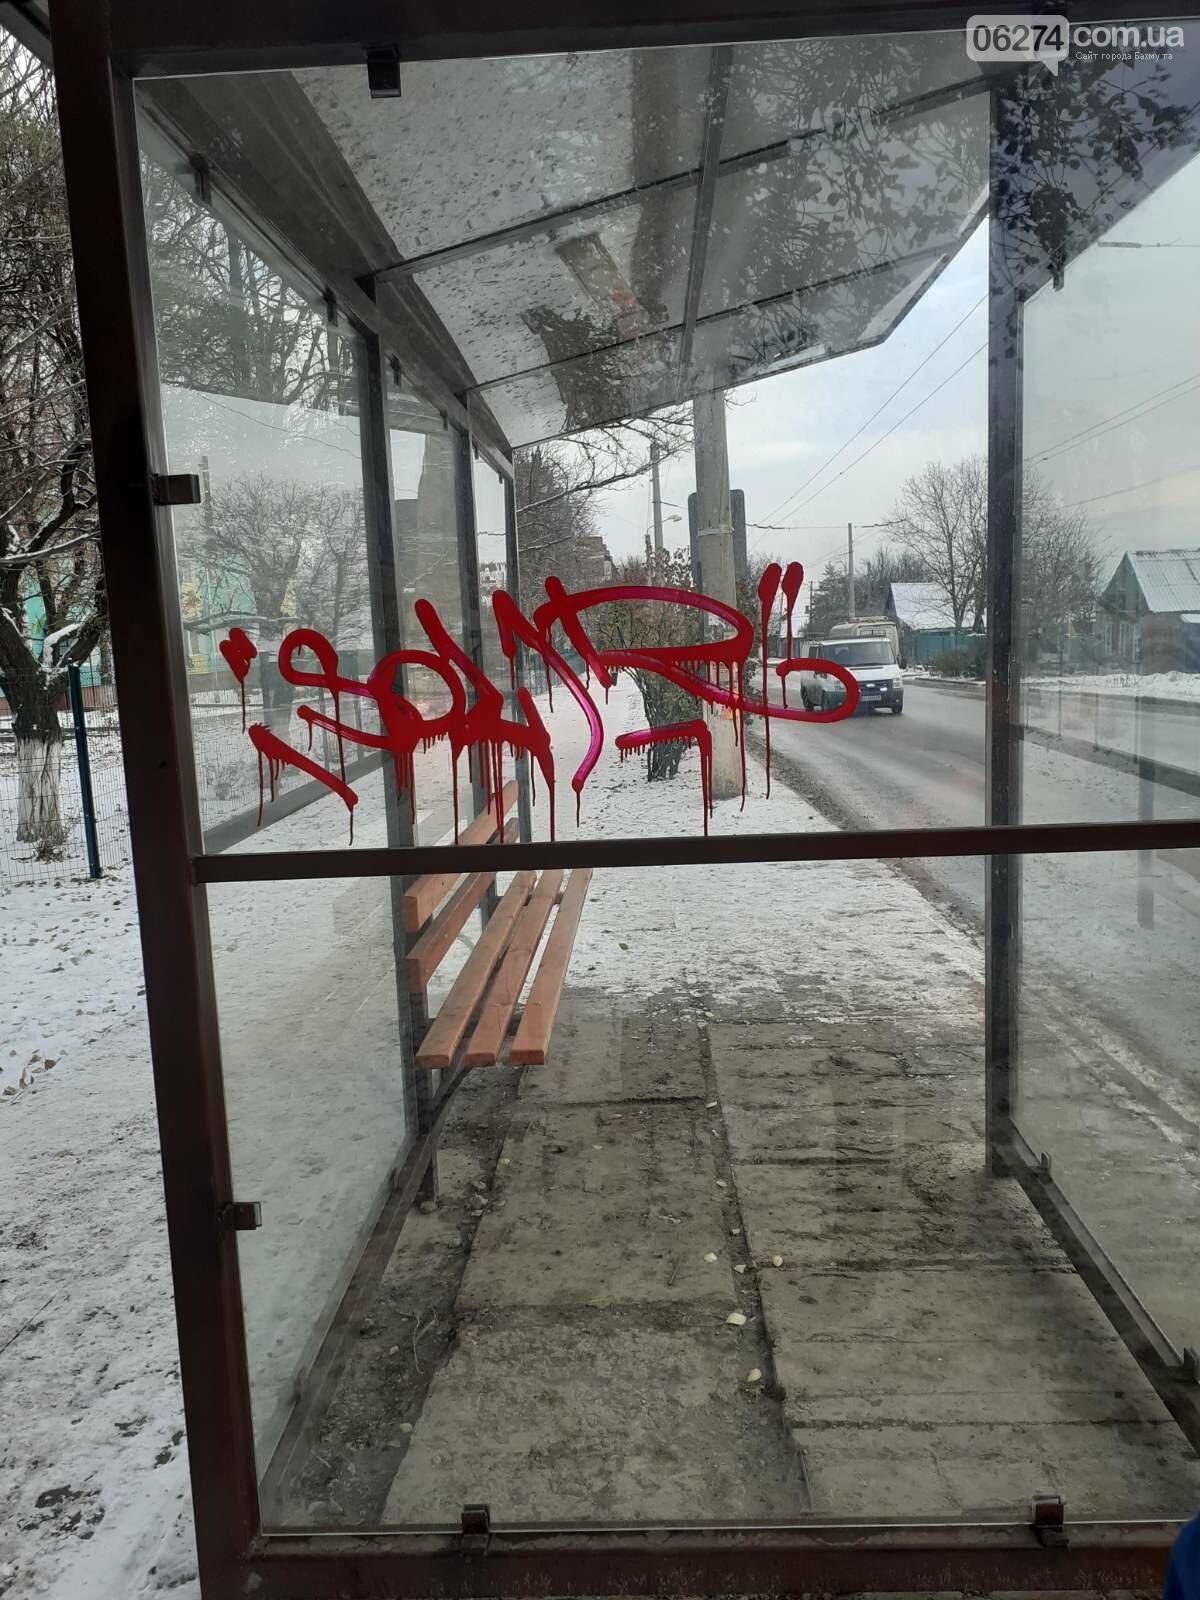 В Бахмуте вандалы снова испортили остановки общественного транспорта, фото-1